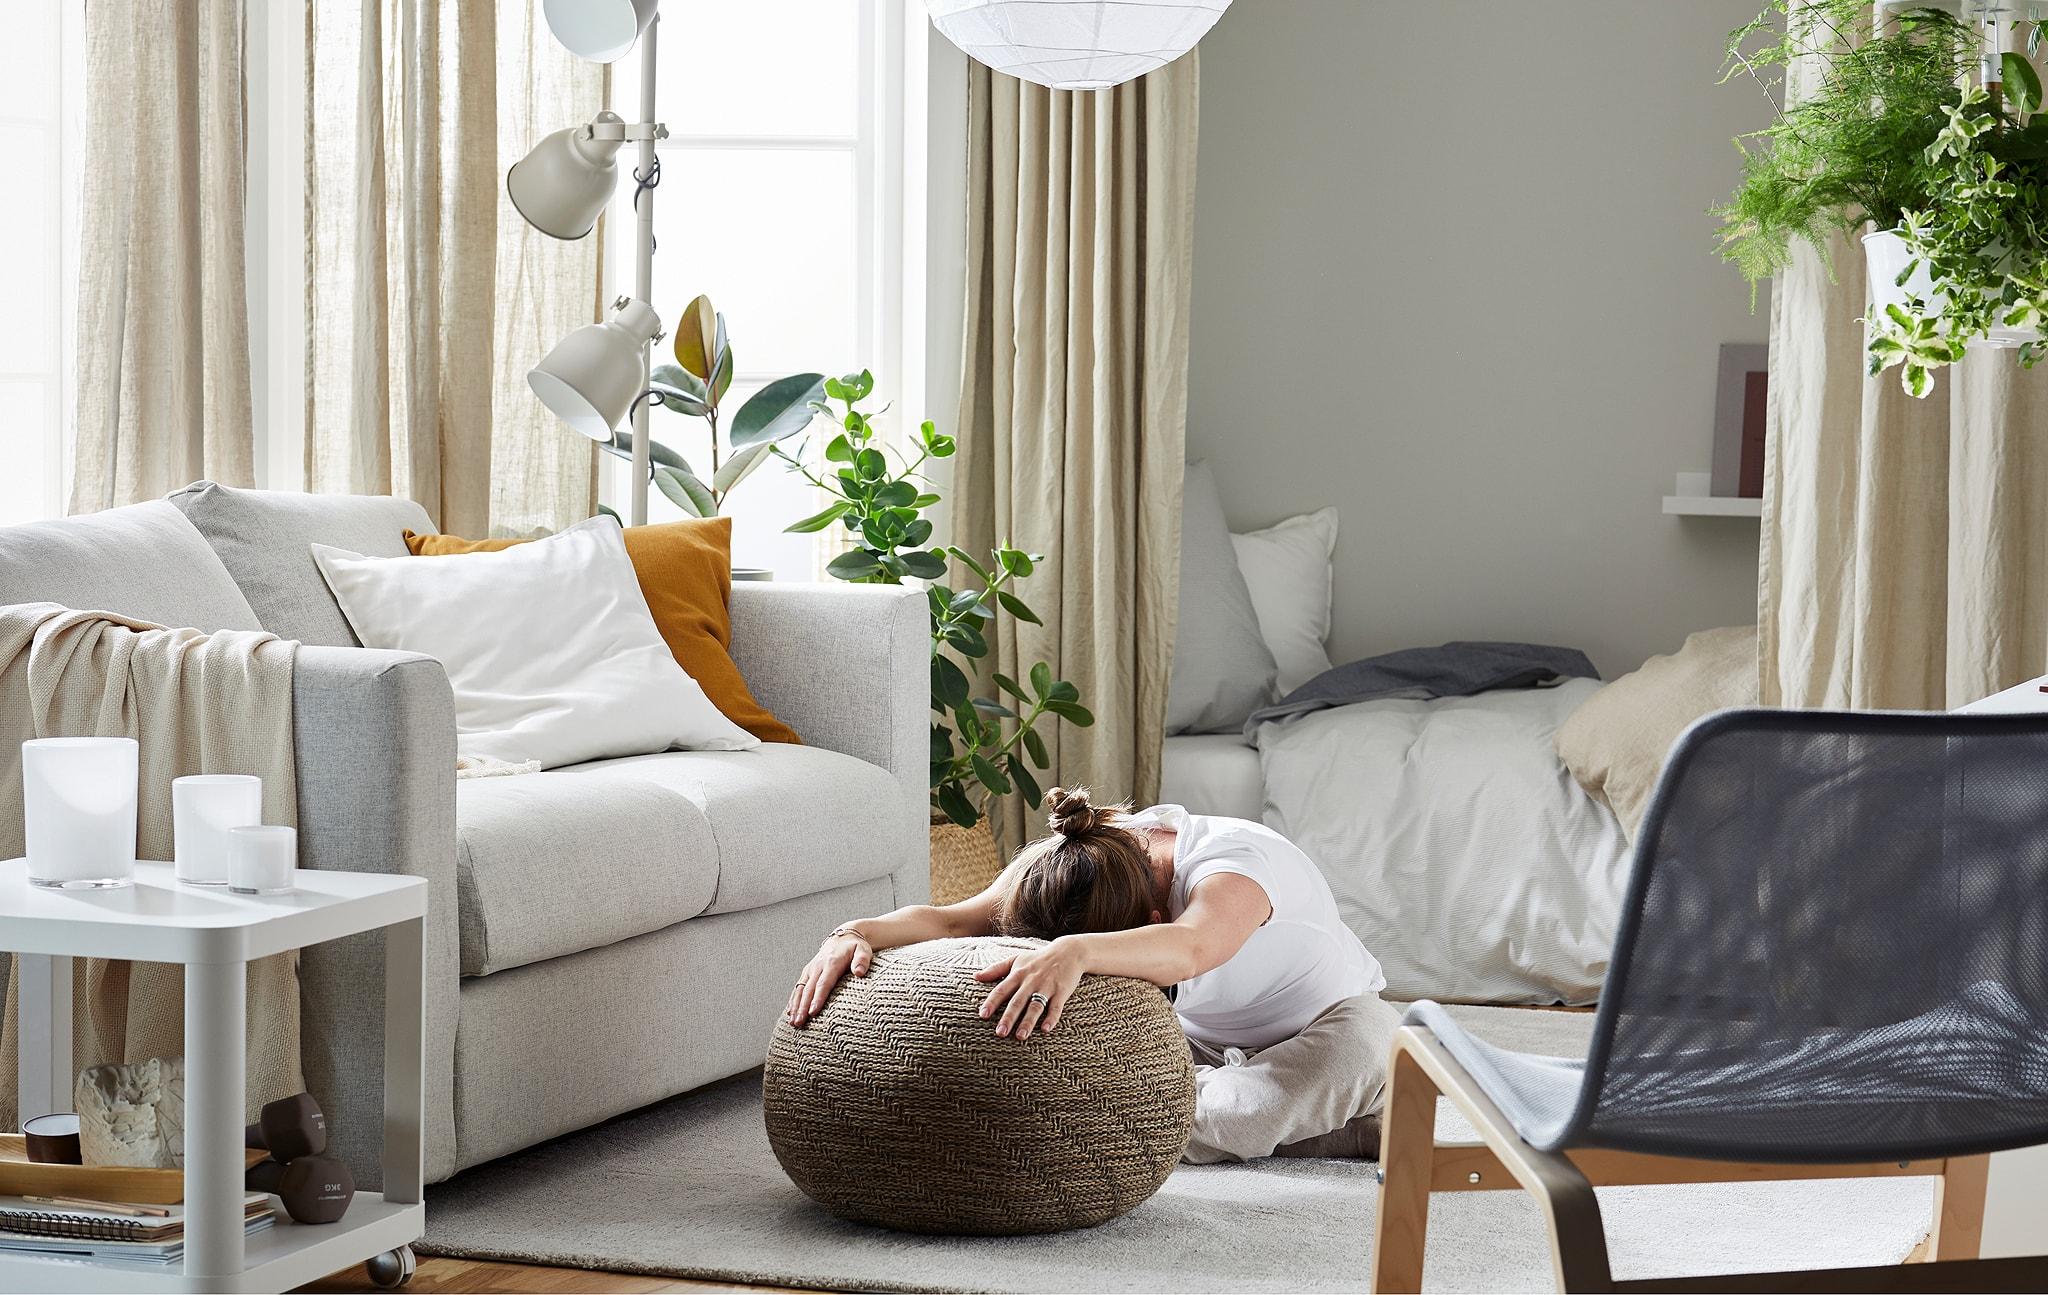 Ciptakan ruang untuk ritual kesehatan di rumah